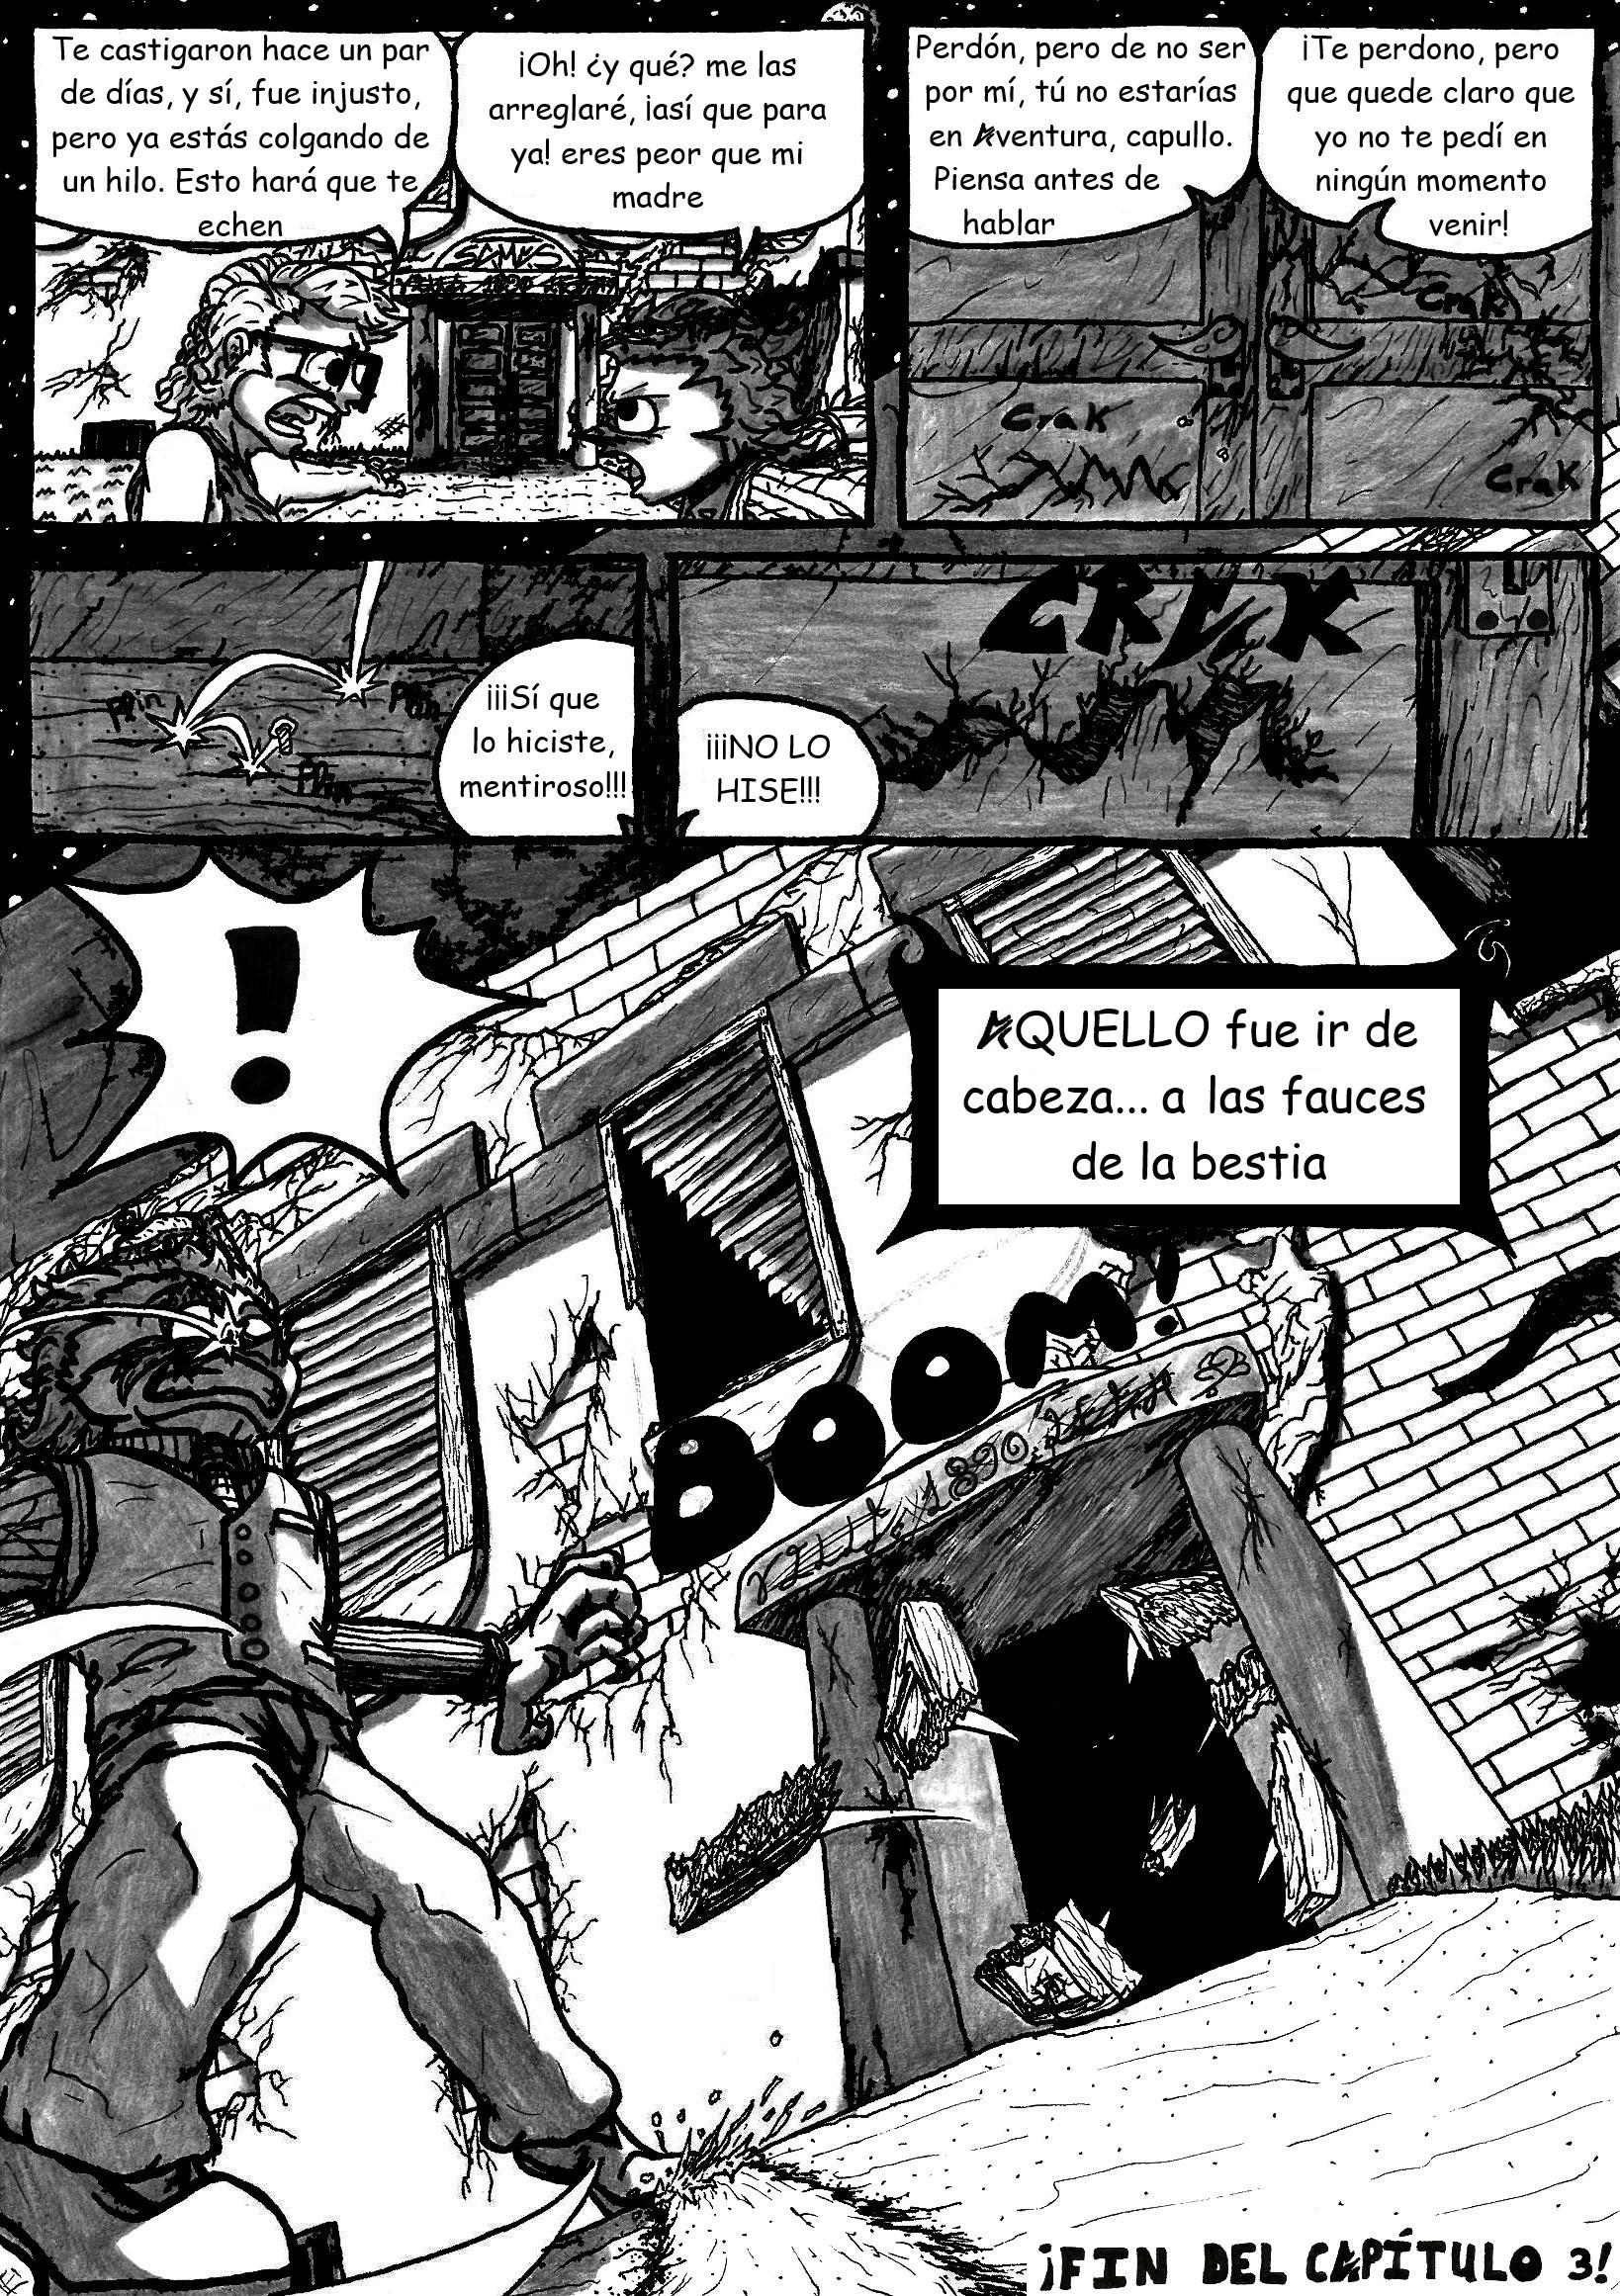 Avatar_03_J_Angel_Casado_Fuster_pagina00034